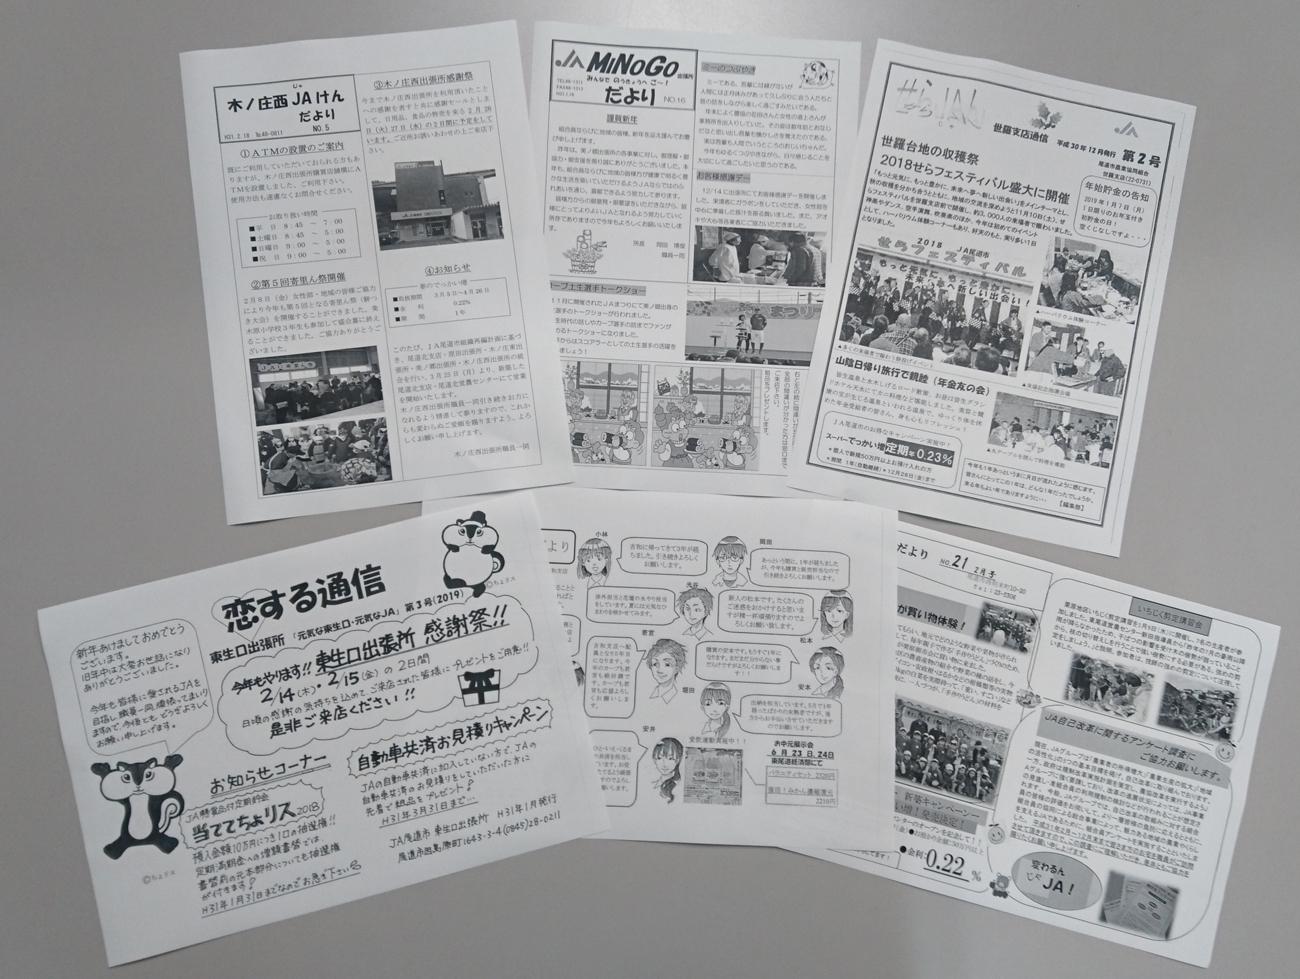 おのみち・全支店・出張所で支店広報誌を発行